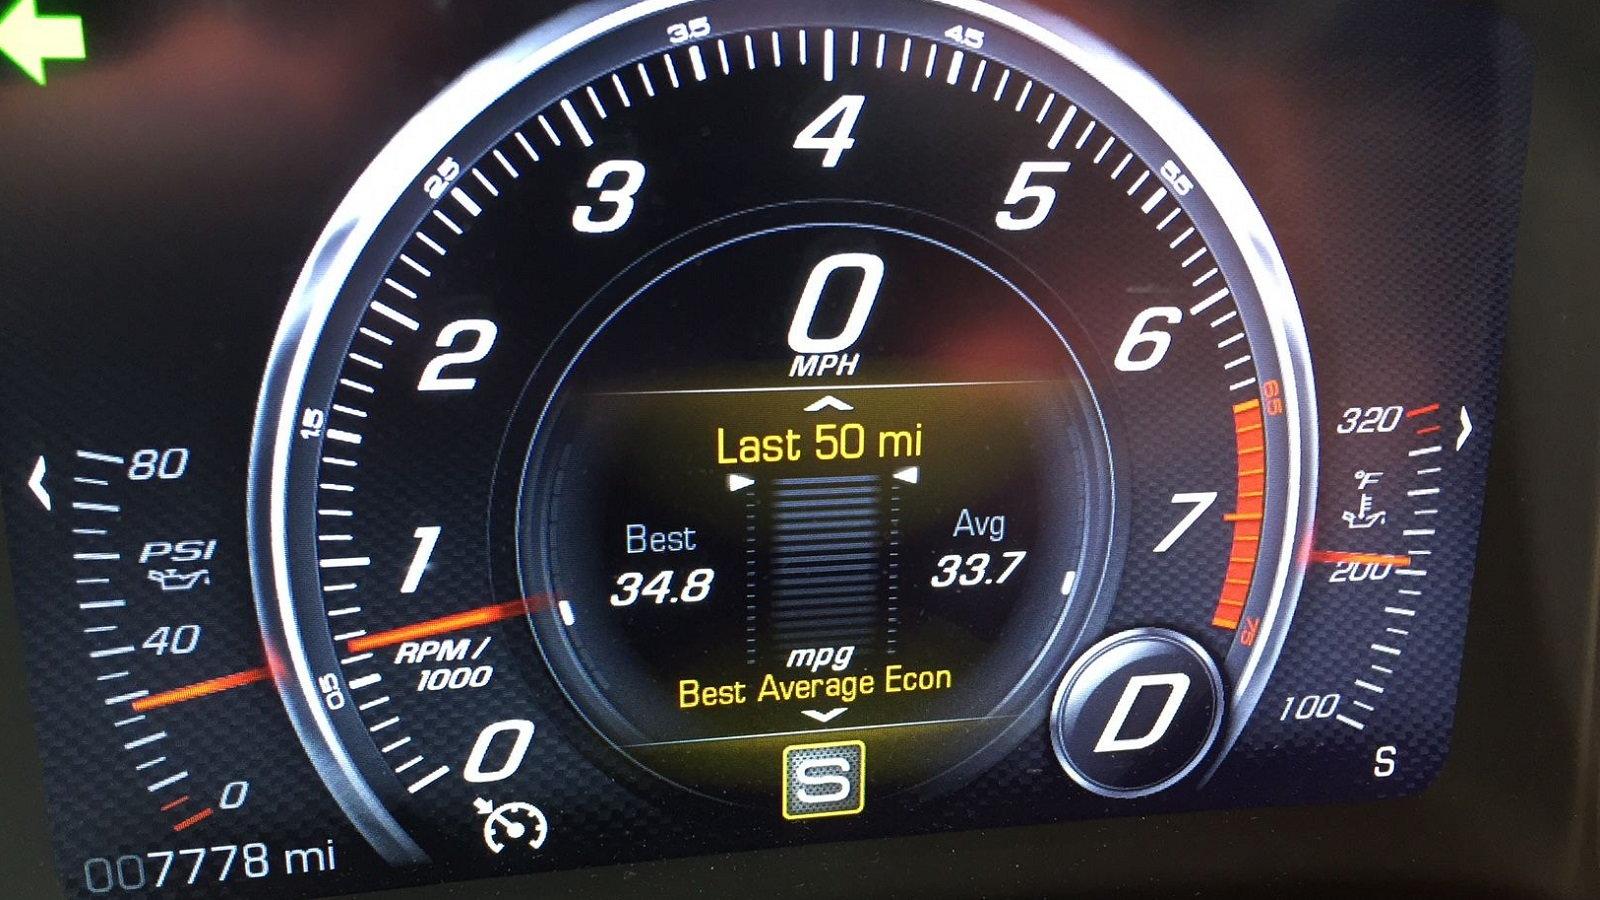 6. The fuel economy